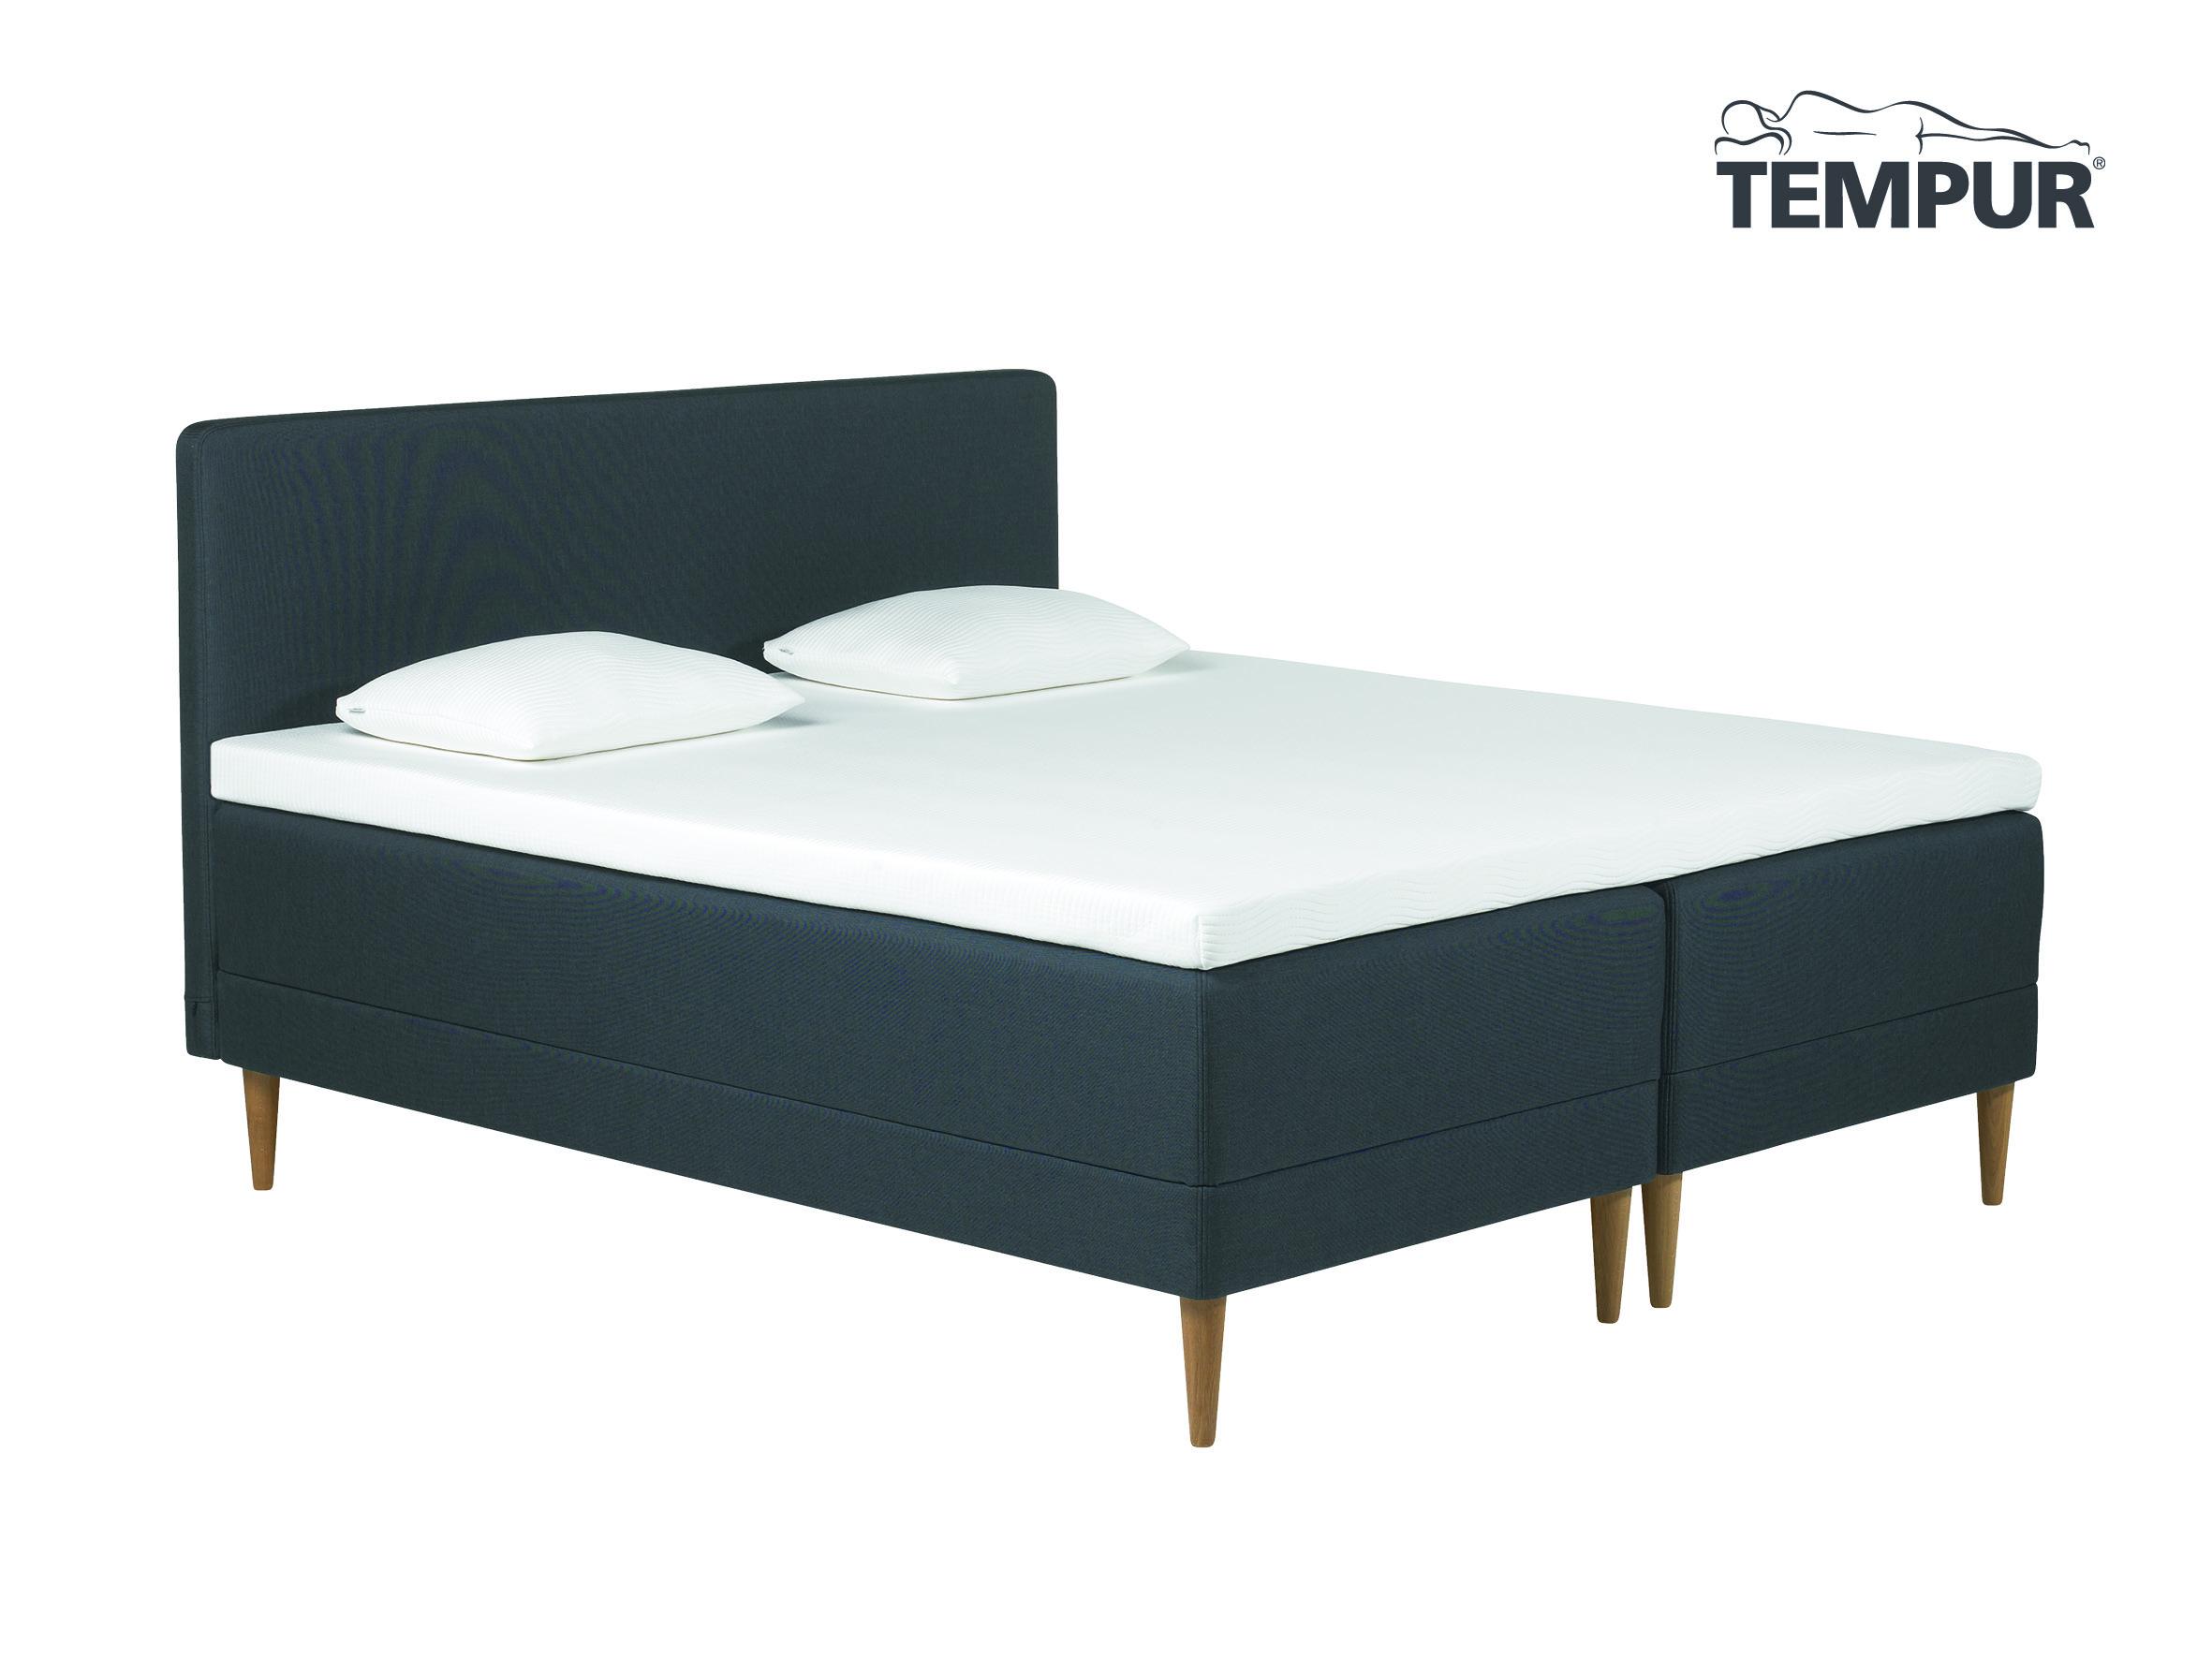 tempur promise box 180x200 cm udstillingsseng farve sort tempur boxmadrasser og plansenge. Black Bedroom Furniture Sets. Home Design Ideas